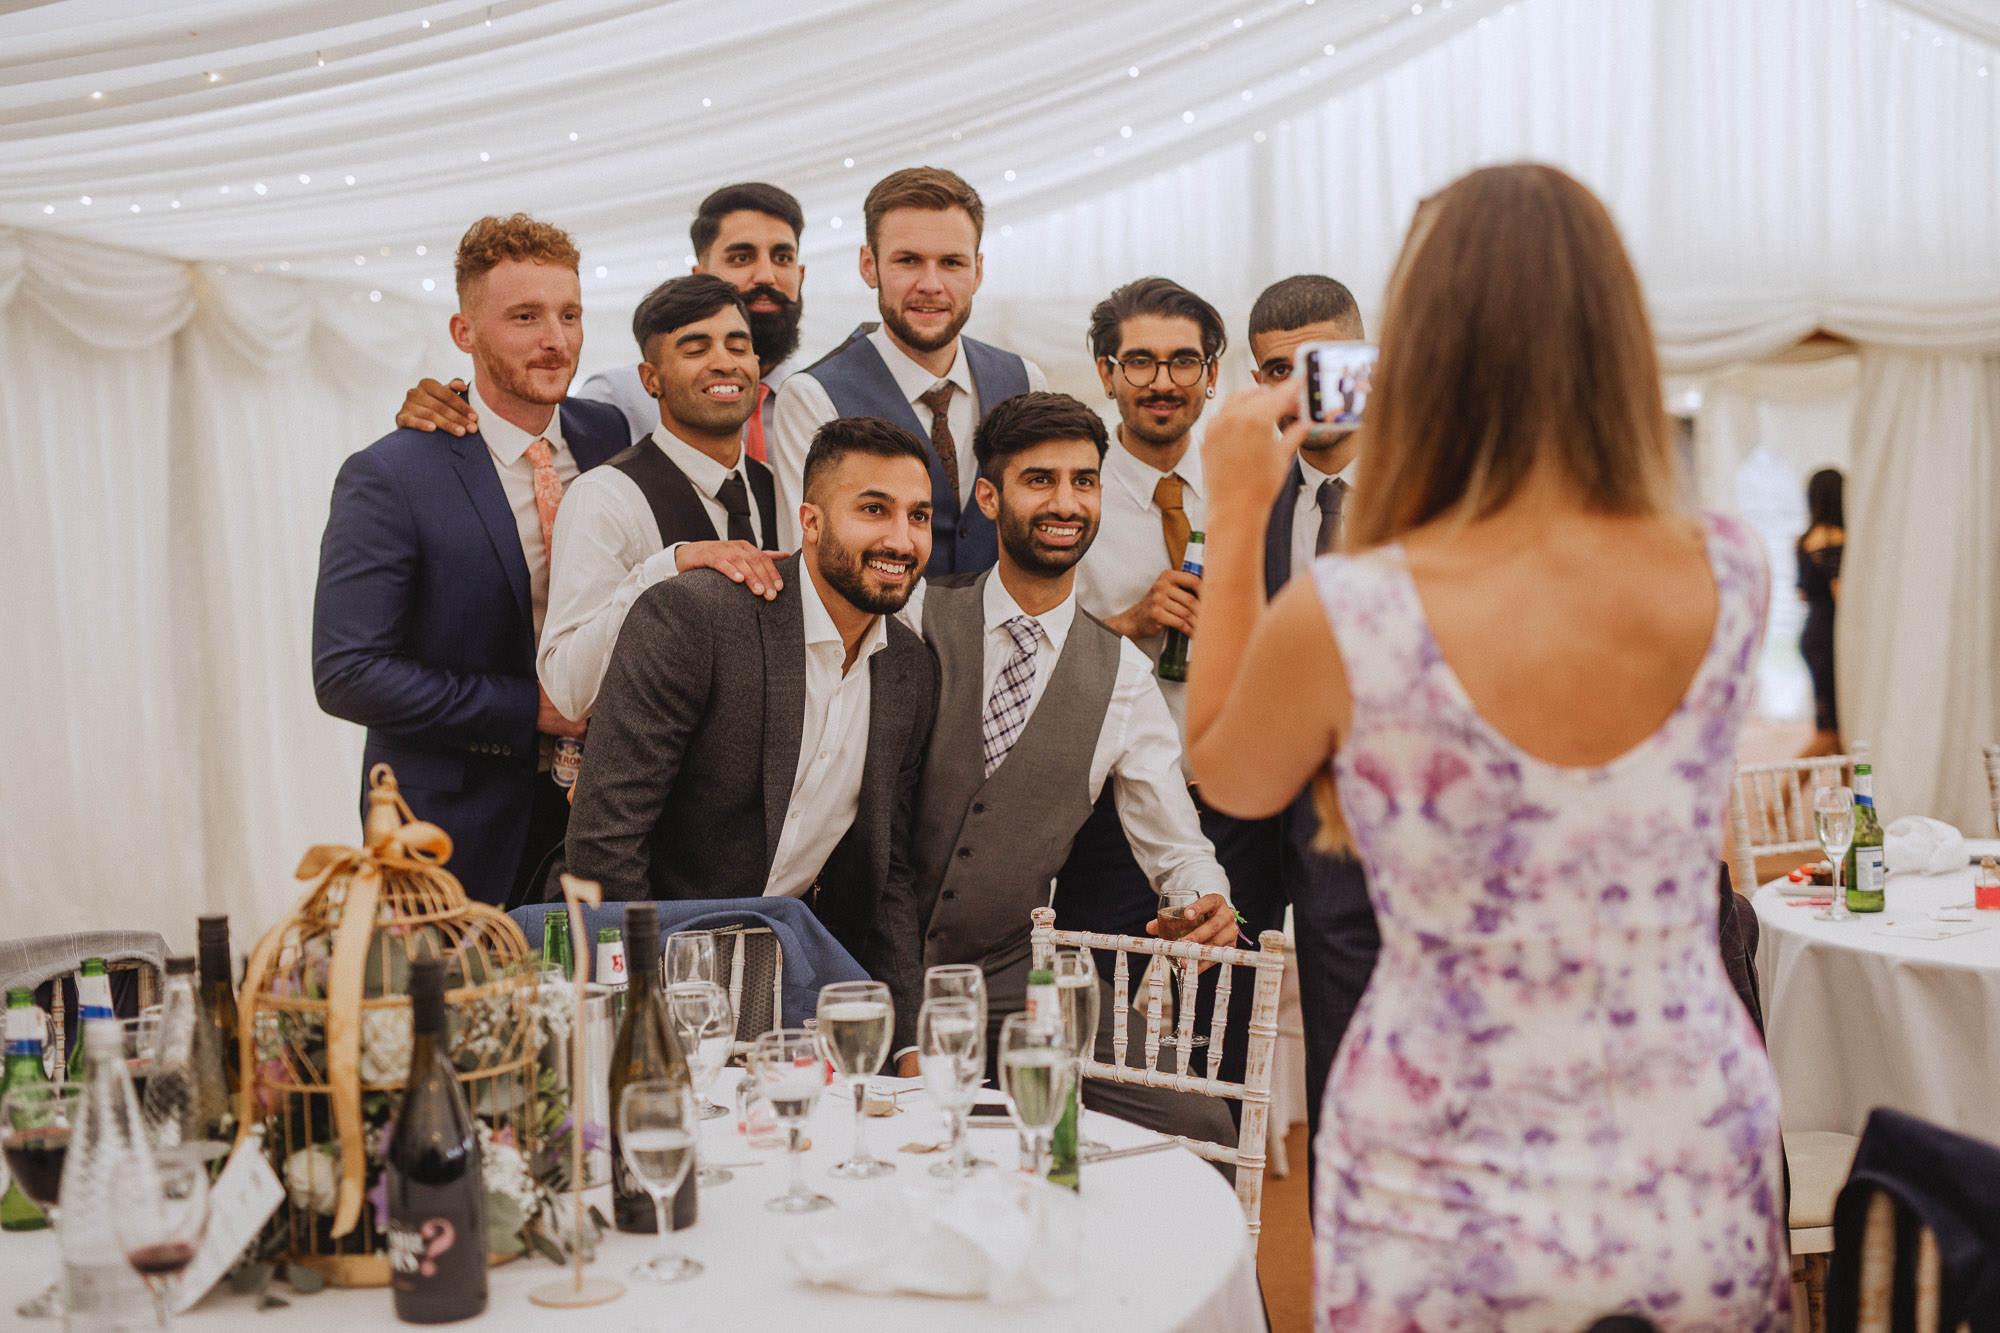 Groombridge-place-wedding-photography-91.jpg